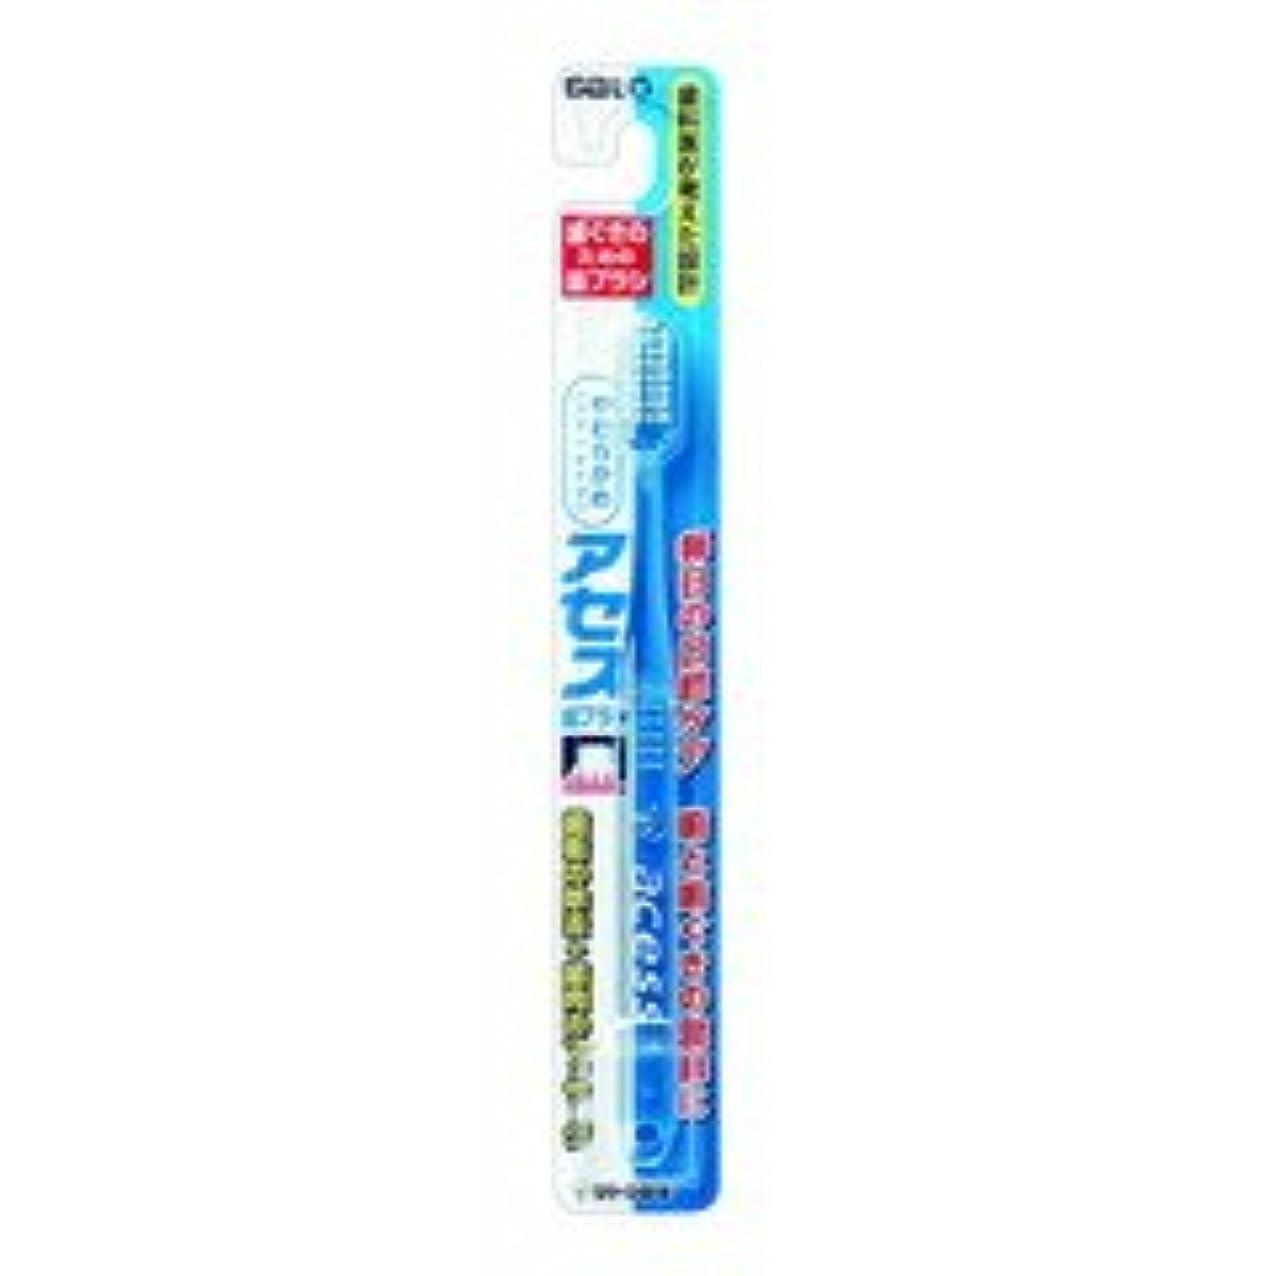 成熟したライオネルグリーンストリートモニカ佐藤製薬 アセス歯ブラシ やわらかめソフト クリア